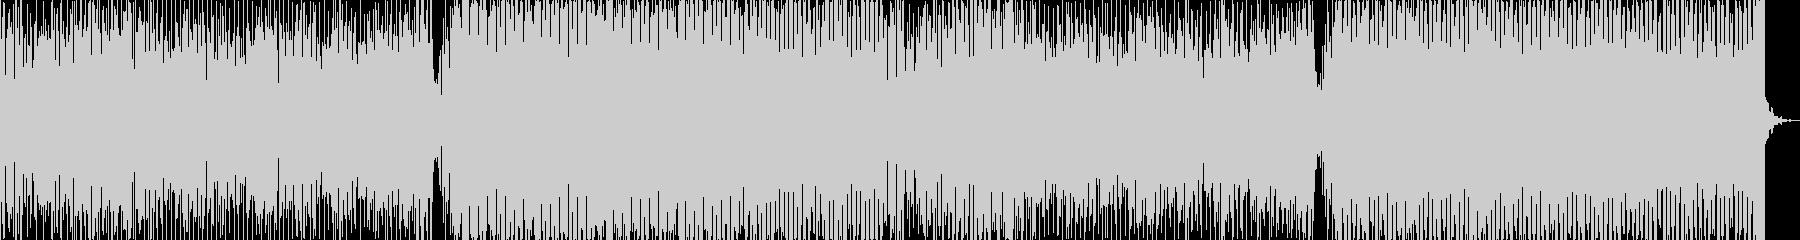 ロボ声シンセ デジタルな物、シーンEDMの未再生の波形